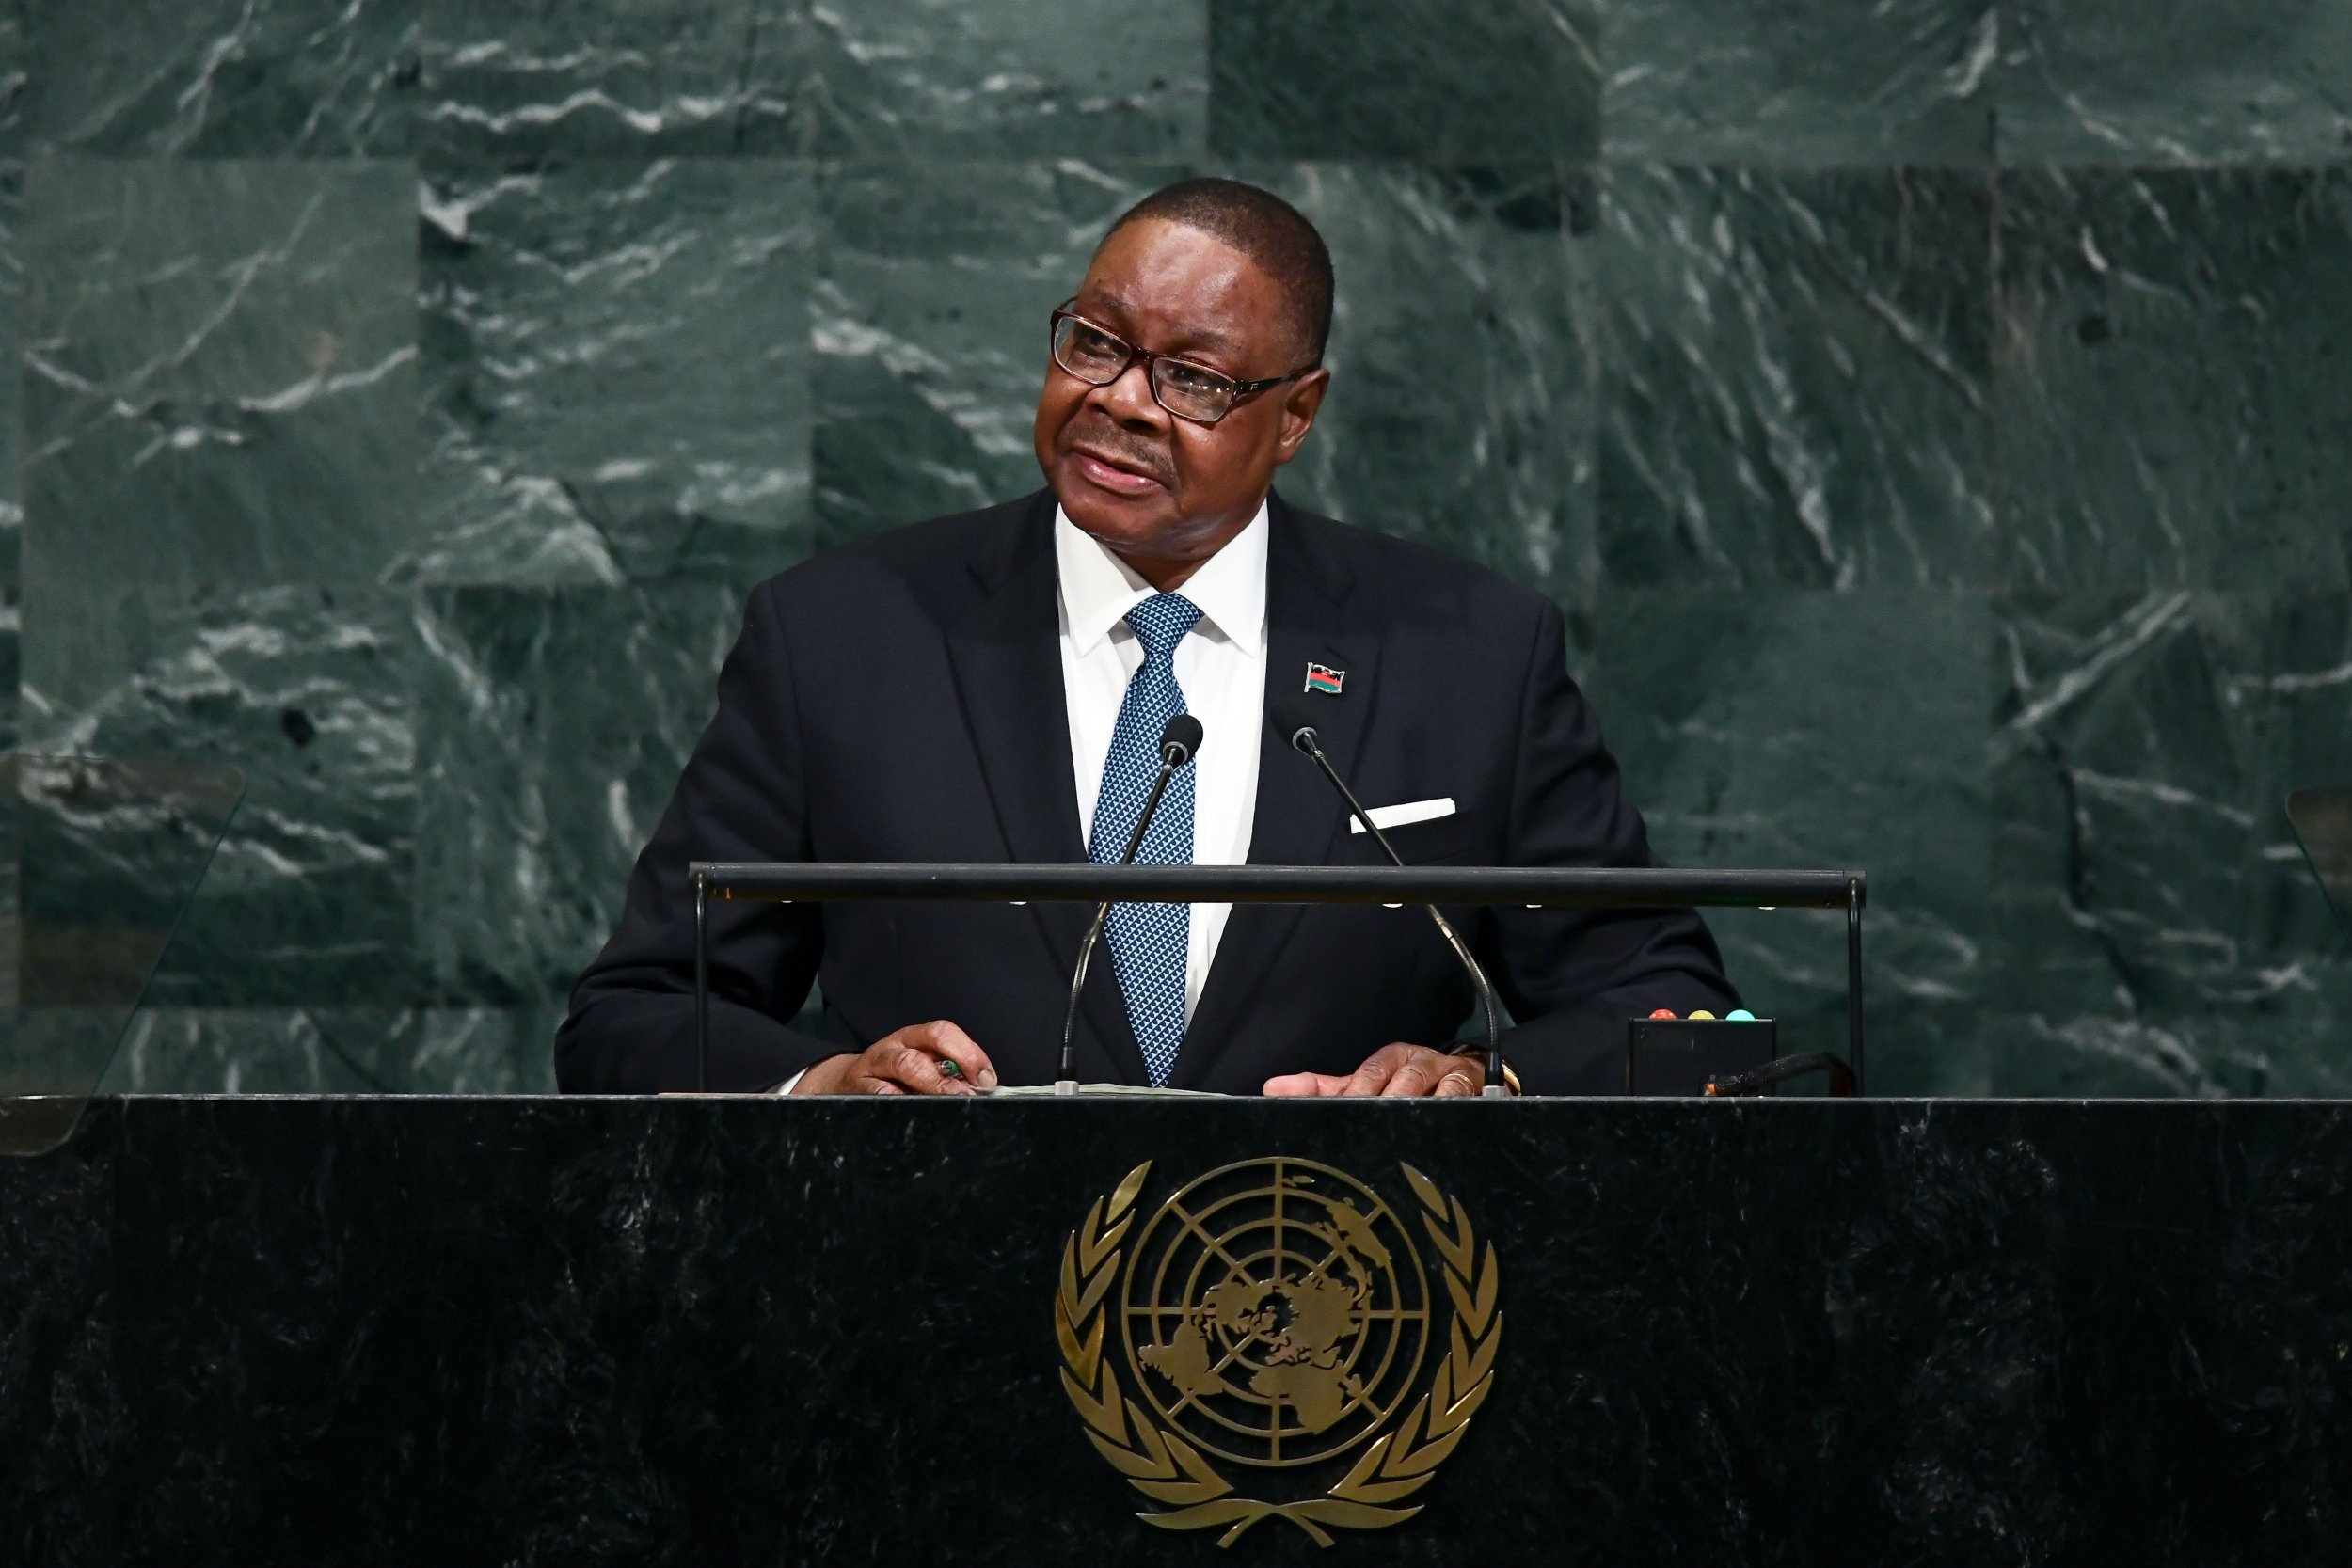 09_10_Malawi_vampires_UN